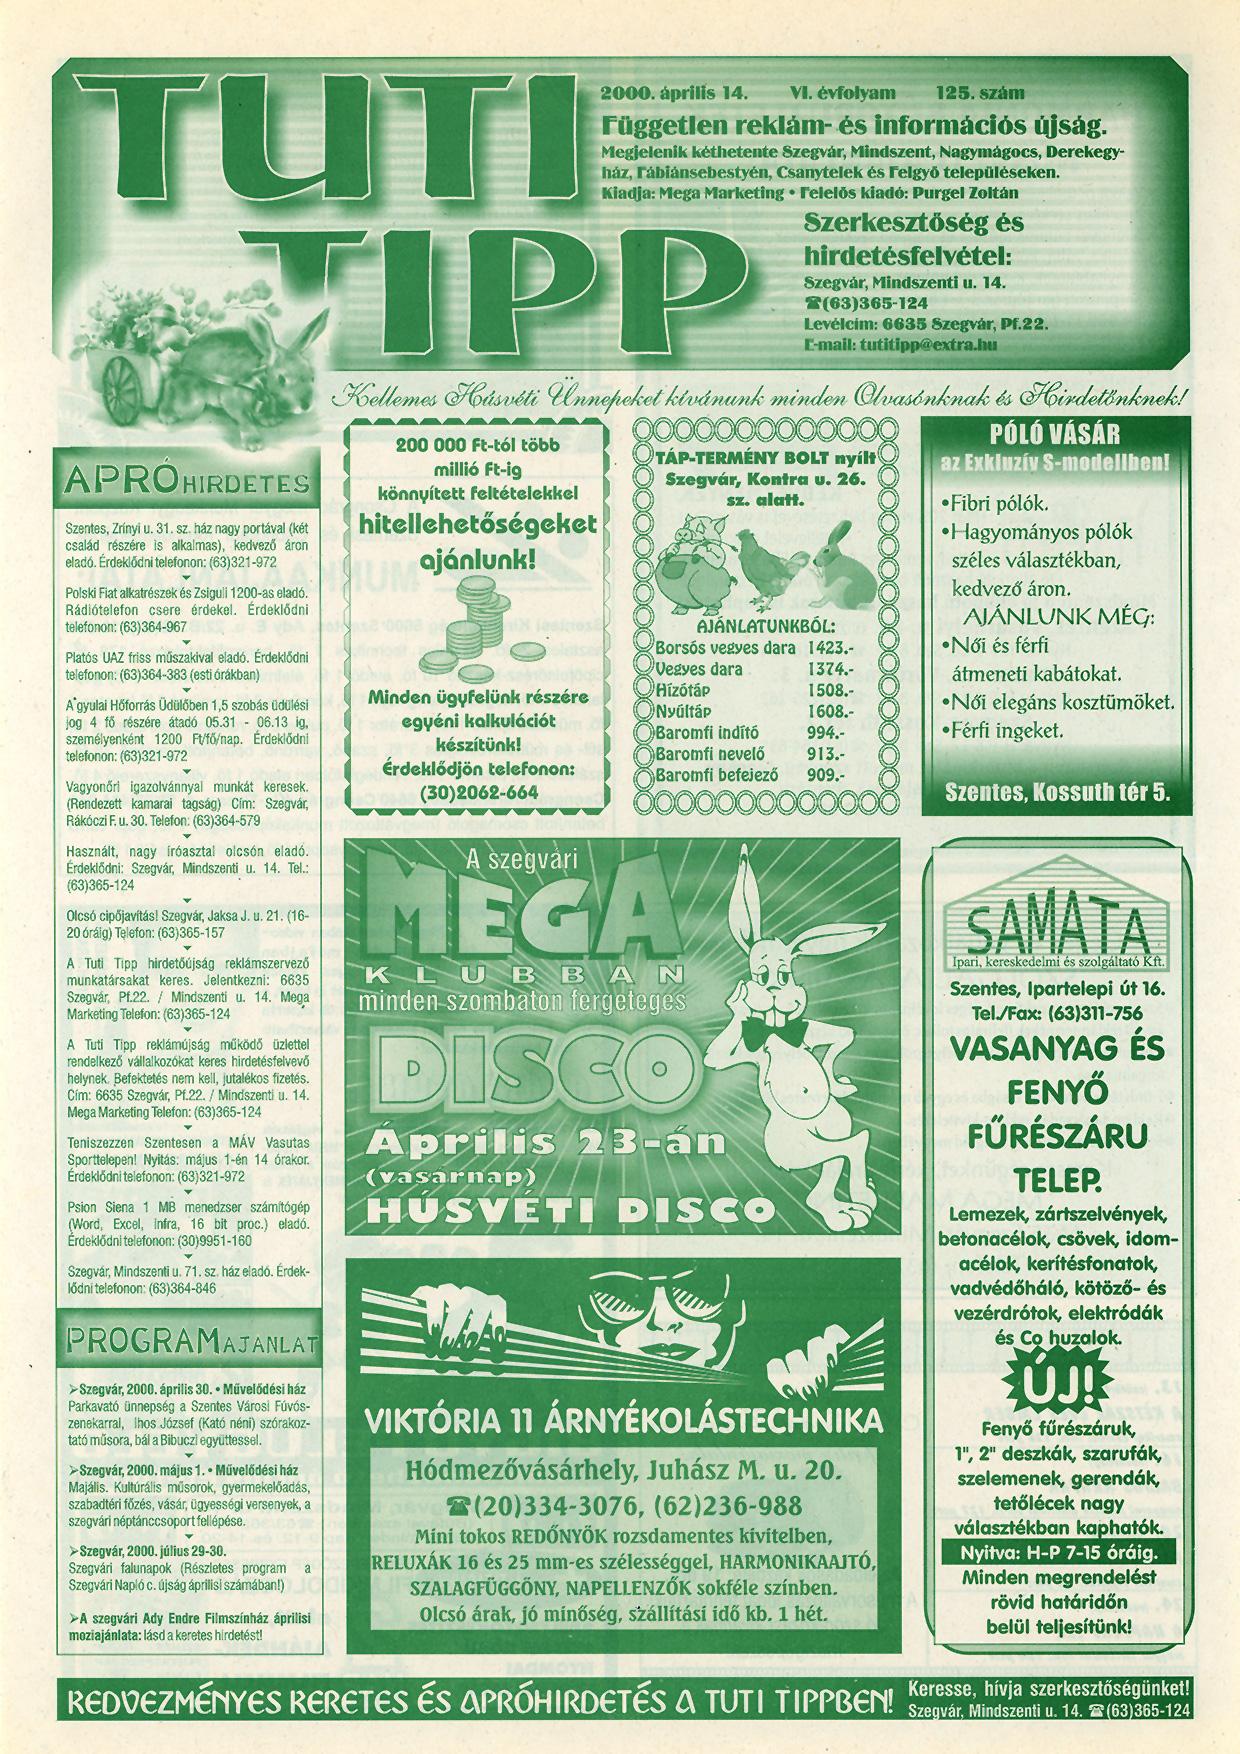 003 Tuti Tipp reklámújság - 20000414-125. lapszám - 1.oldal - VI. évfolyam.jpg